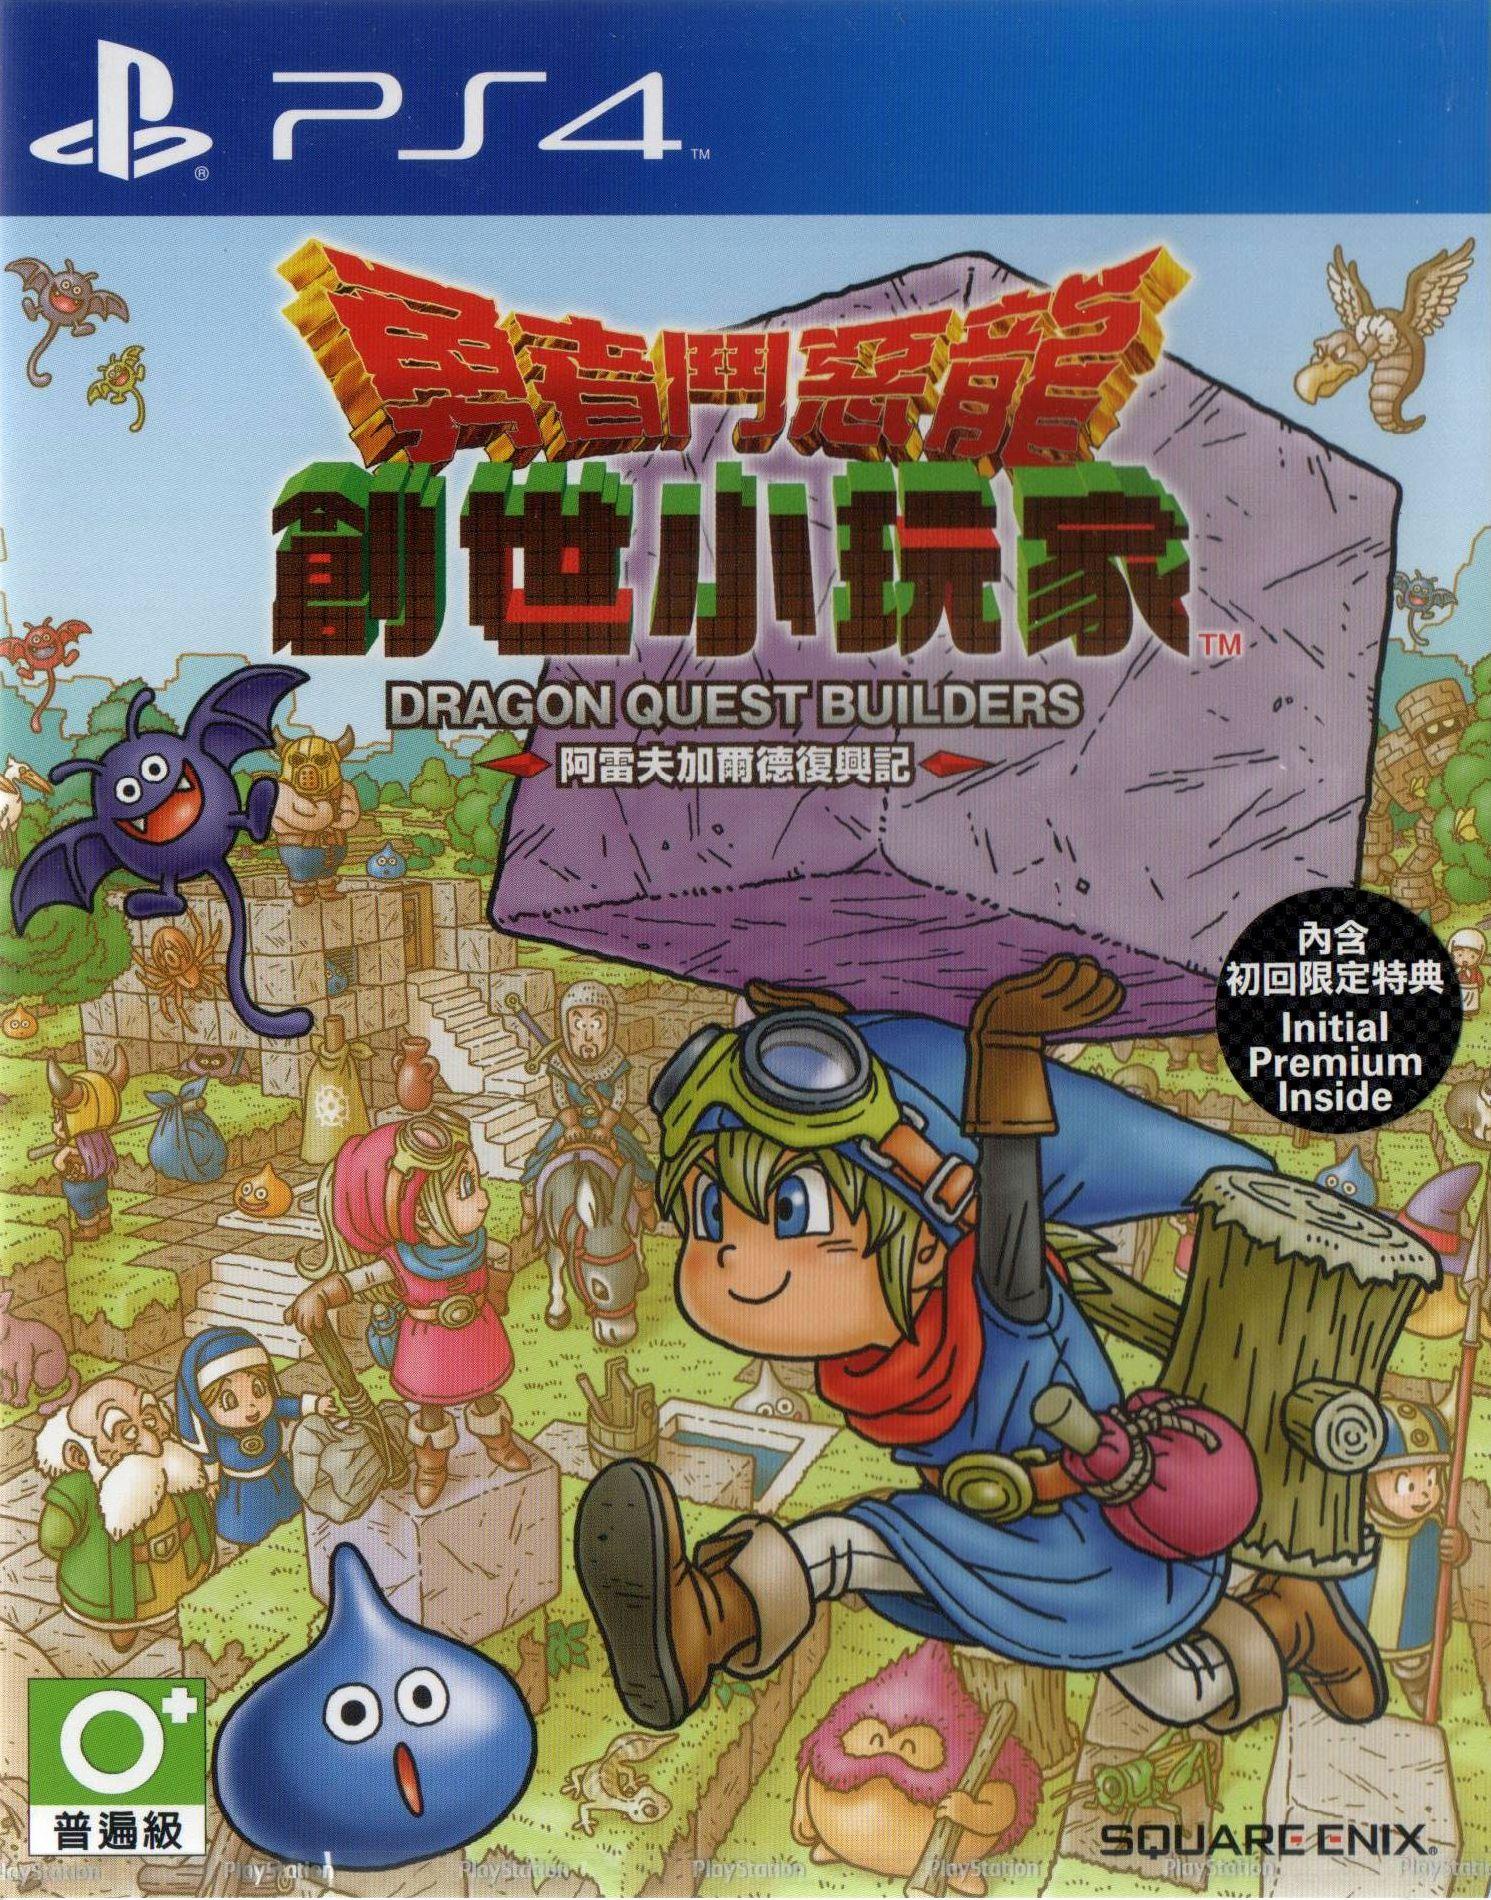 現貨供應中 中文版 [普遍級] PS4 勇者鬥惡龍 創世小玩家 阿雷夫加爾德復興記